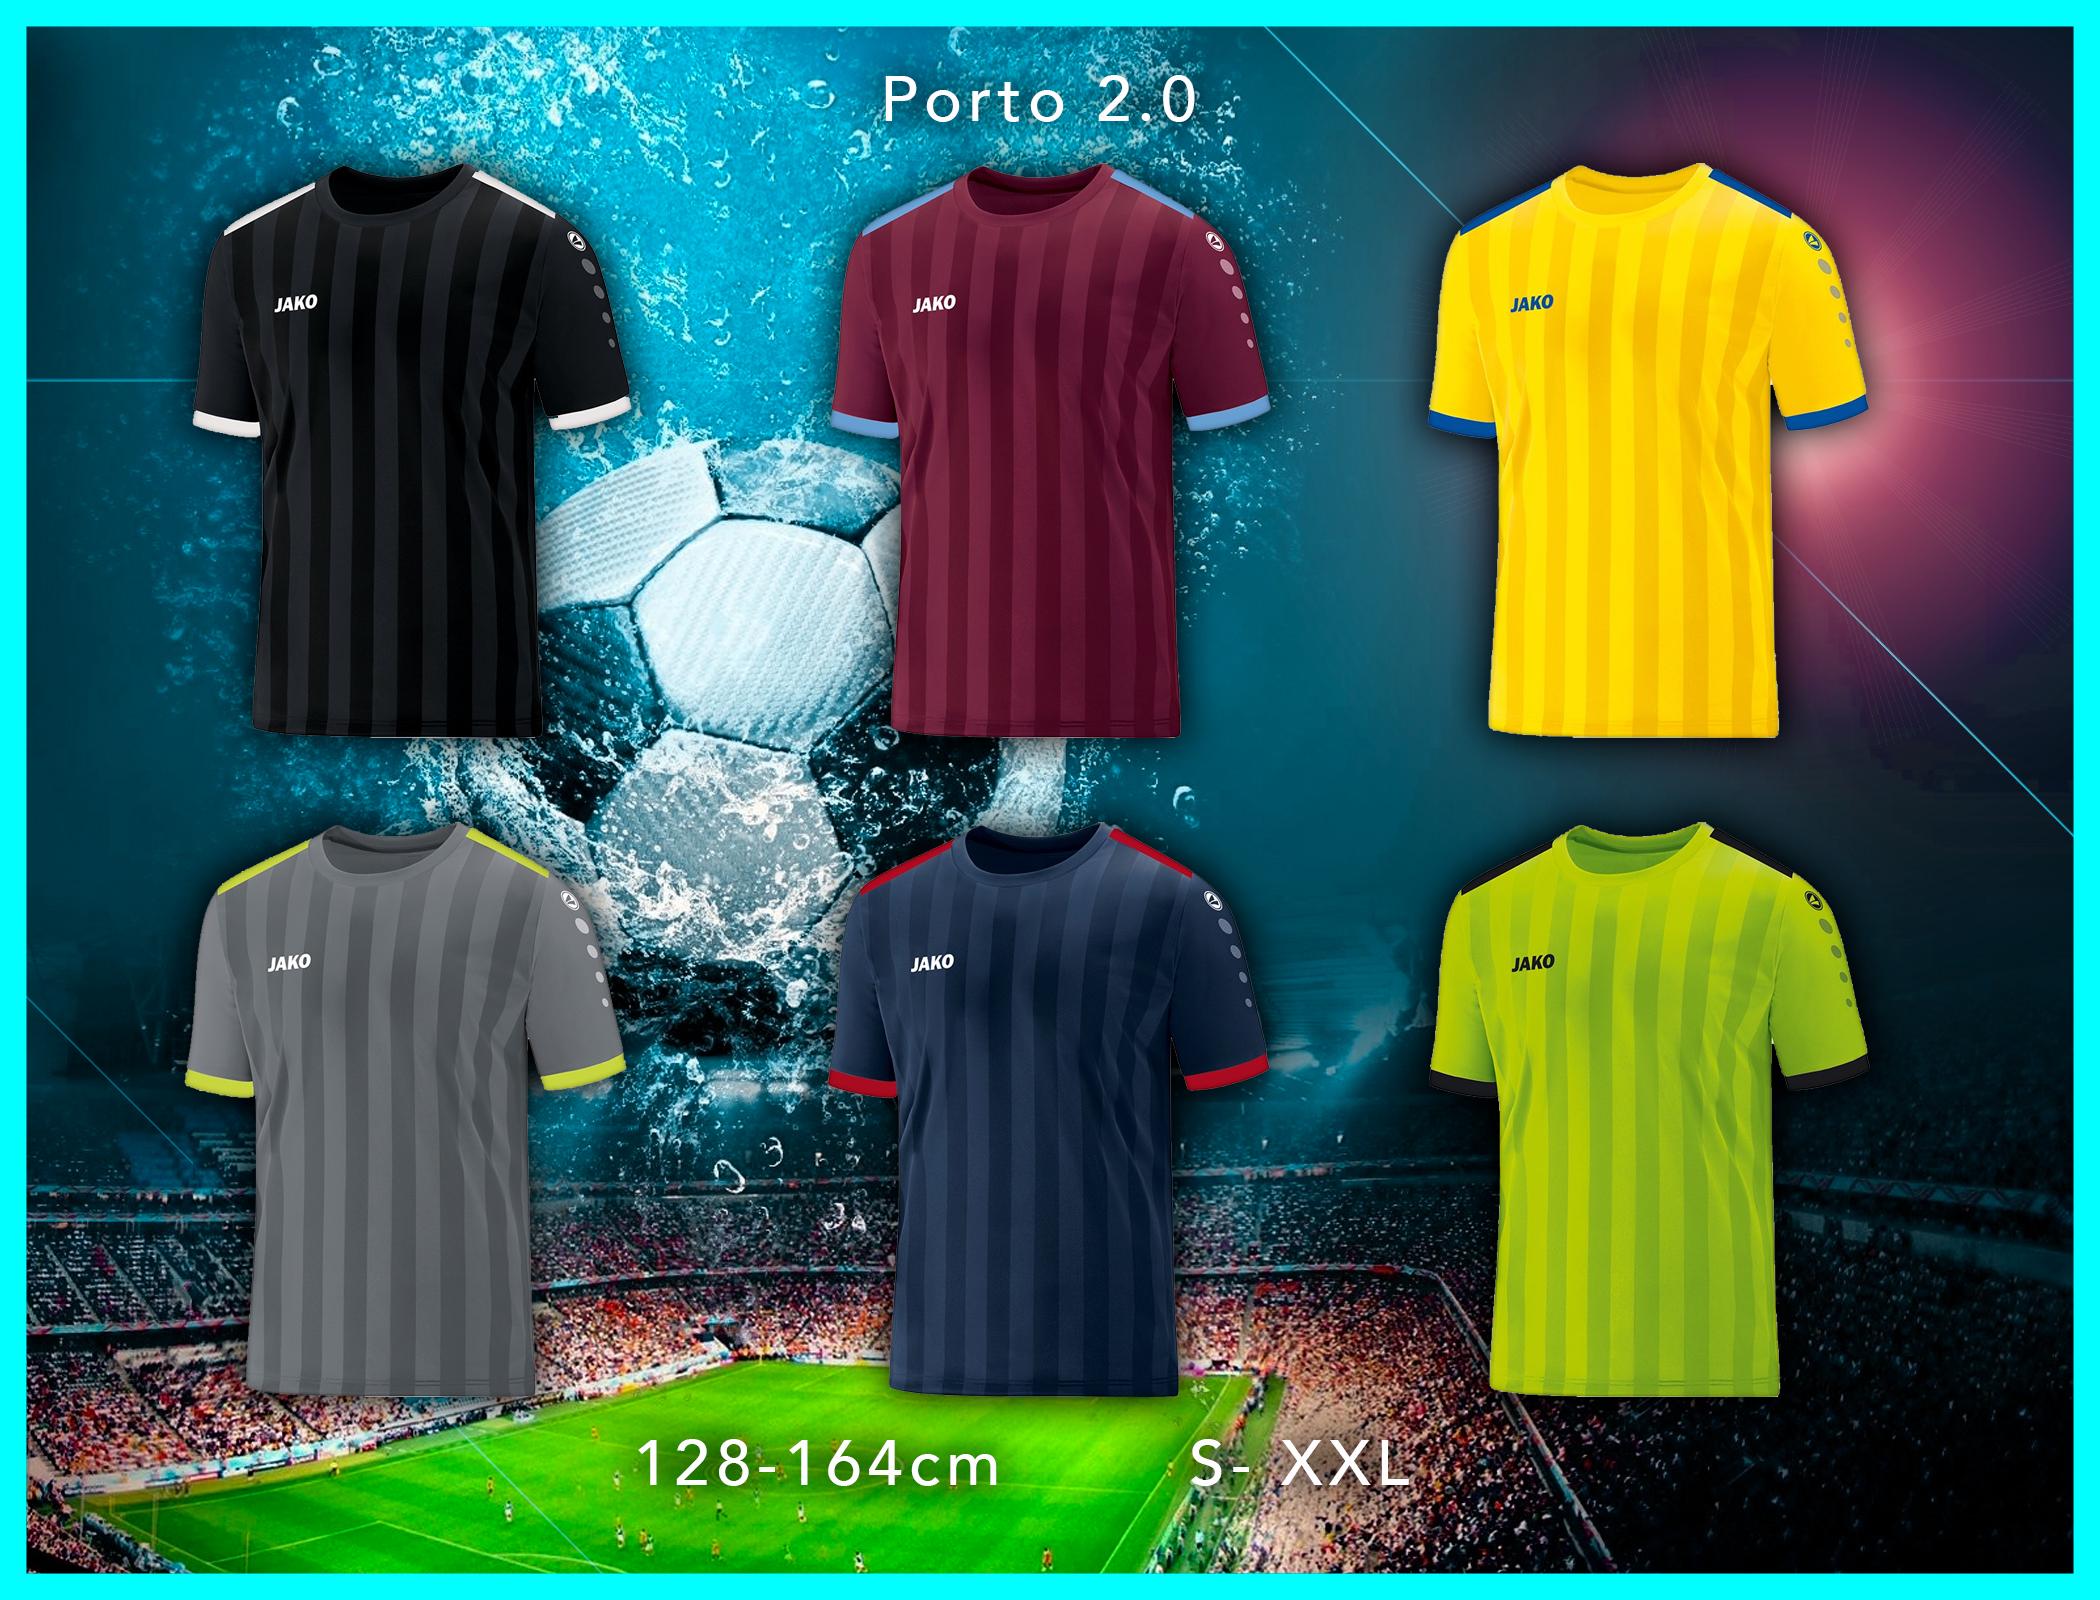 jalkapallopaita porto 2.0